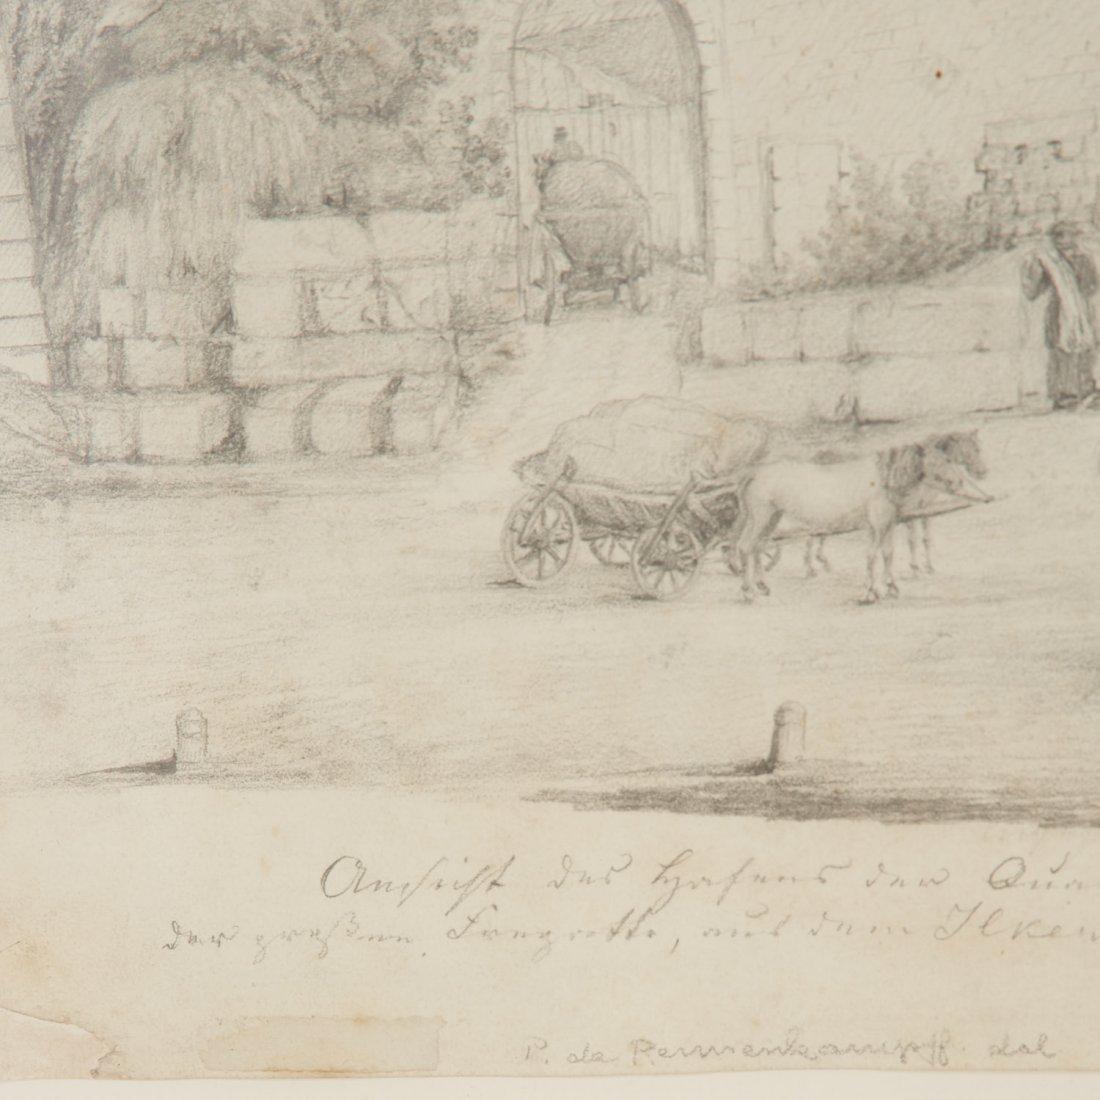 P. da Rennenkampff, drawing - 5